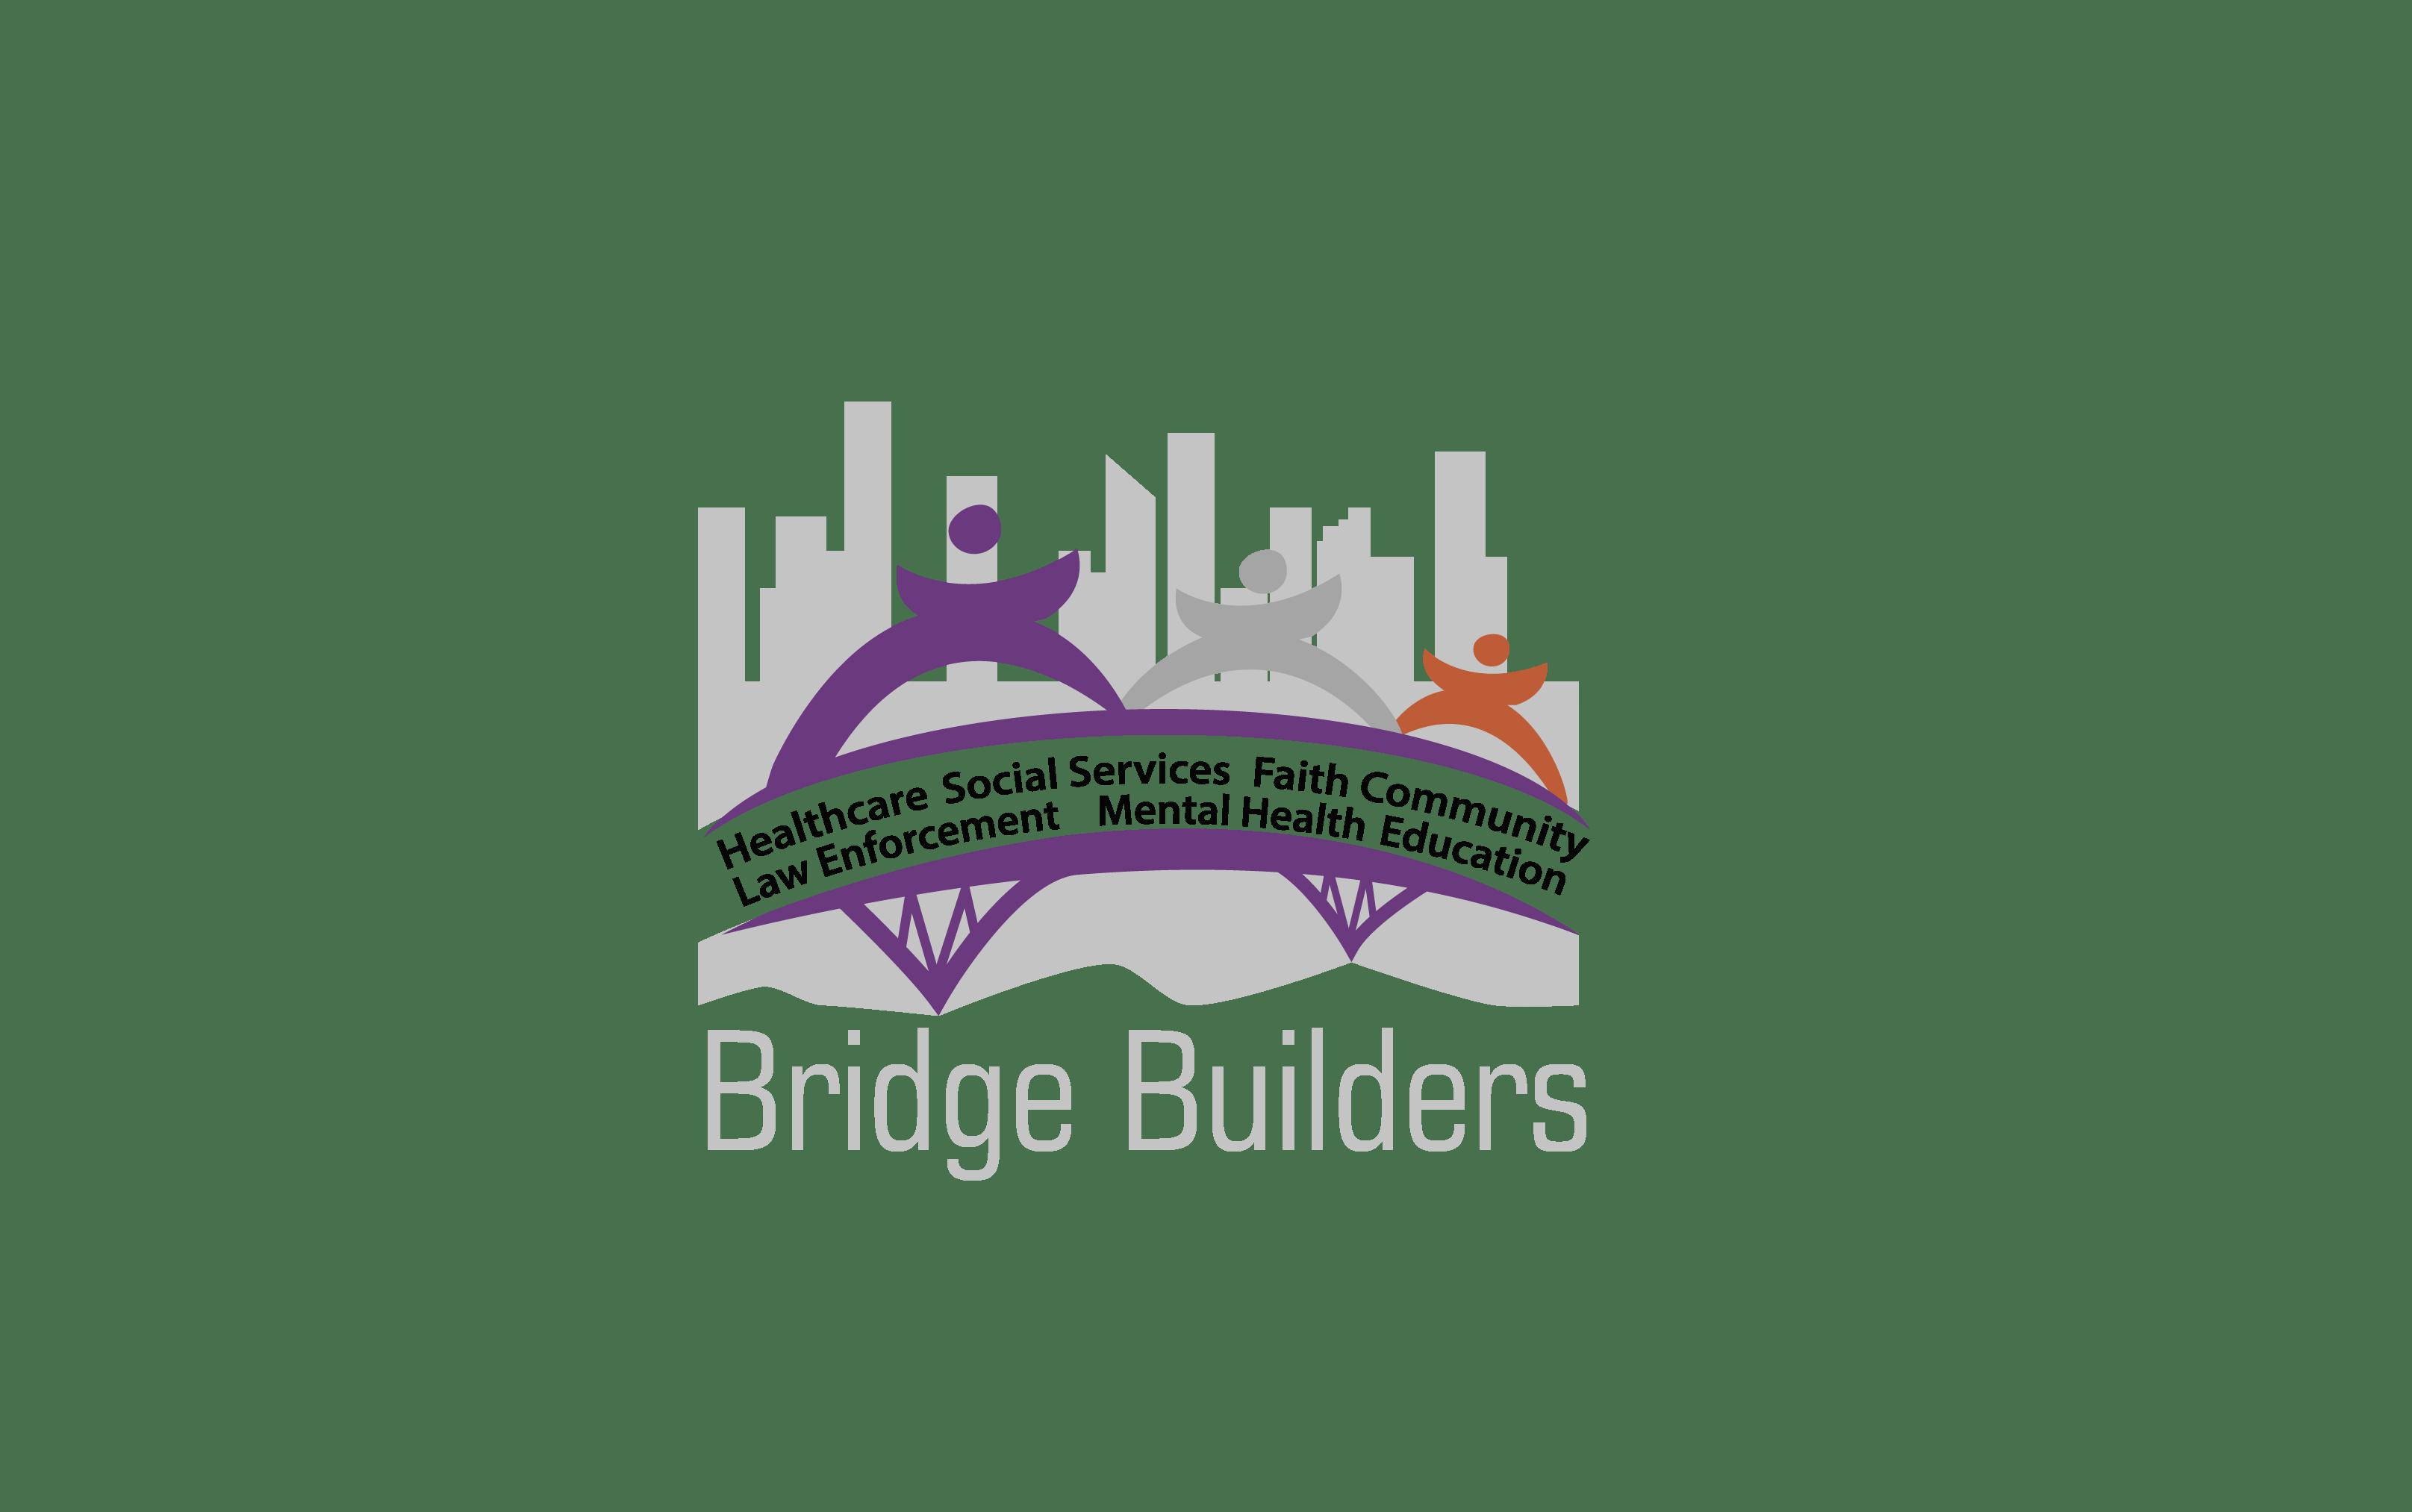 Bridge Builders Community Forum